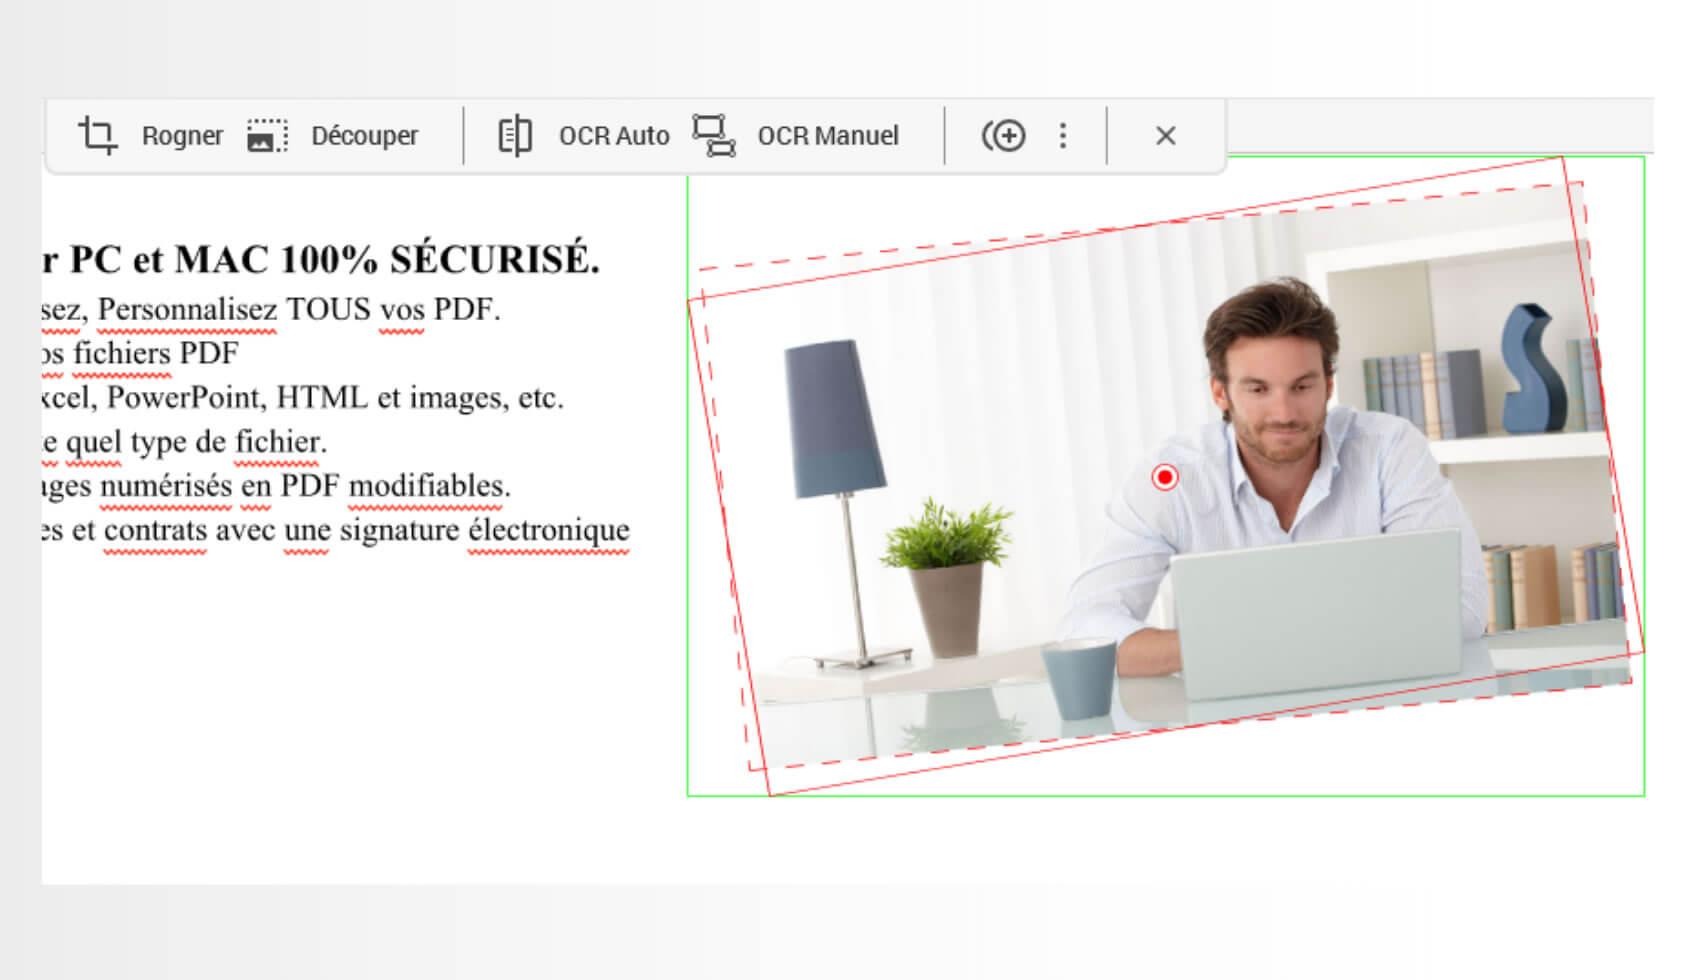 Pour ajouter des images sur votre PDF, cliquez sur Insérer une image depuis l'onglet Editer et sélectionnez l'image que vous souhaitez insérer.